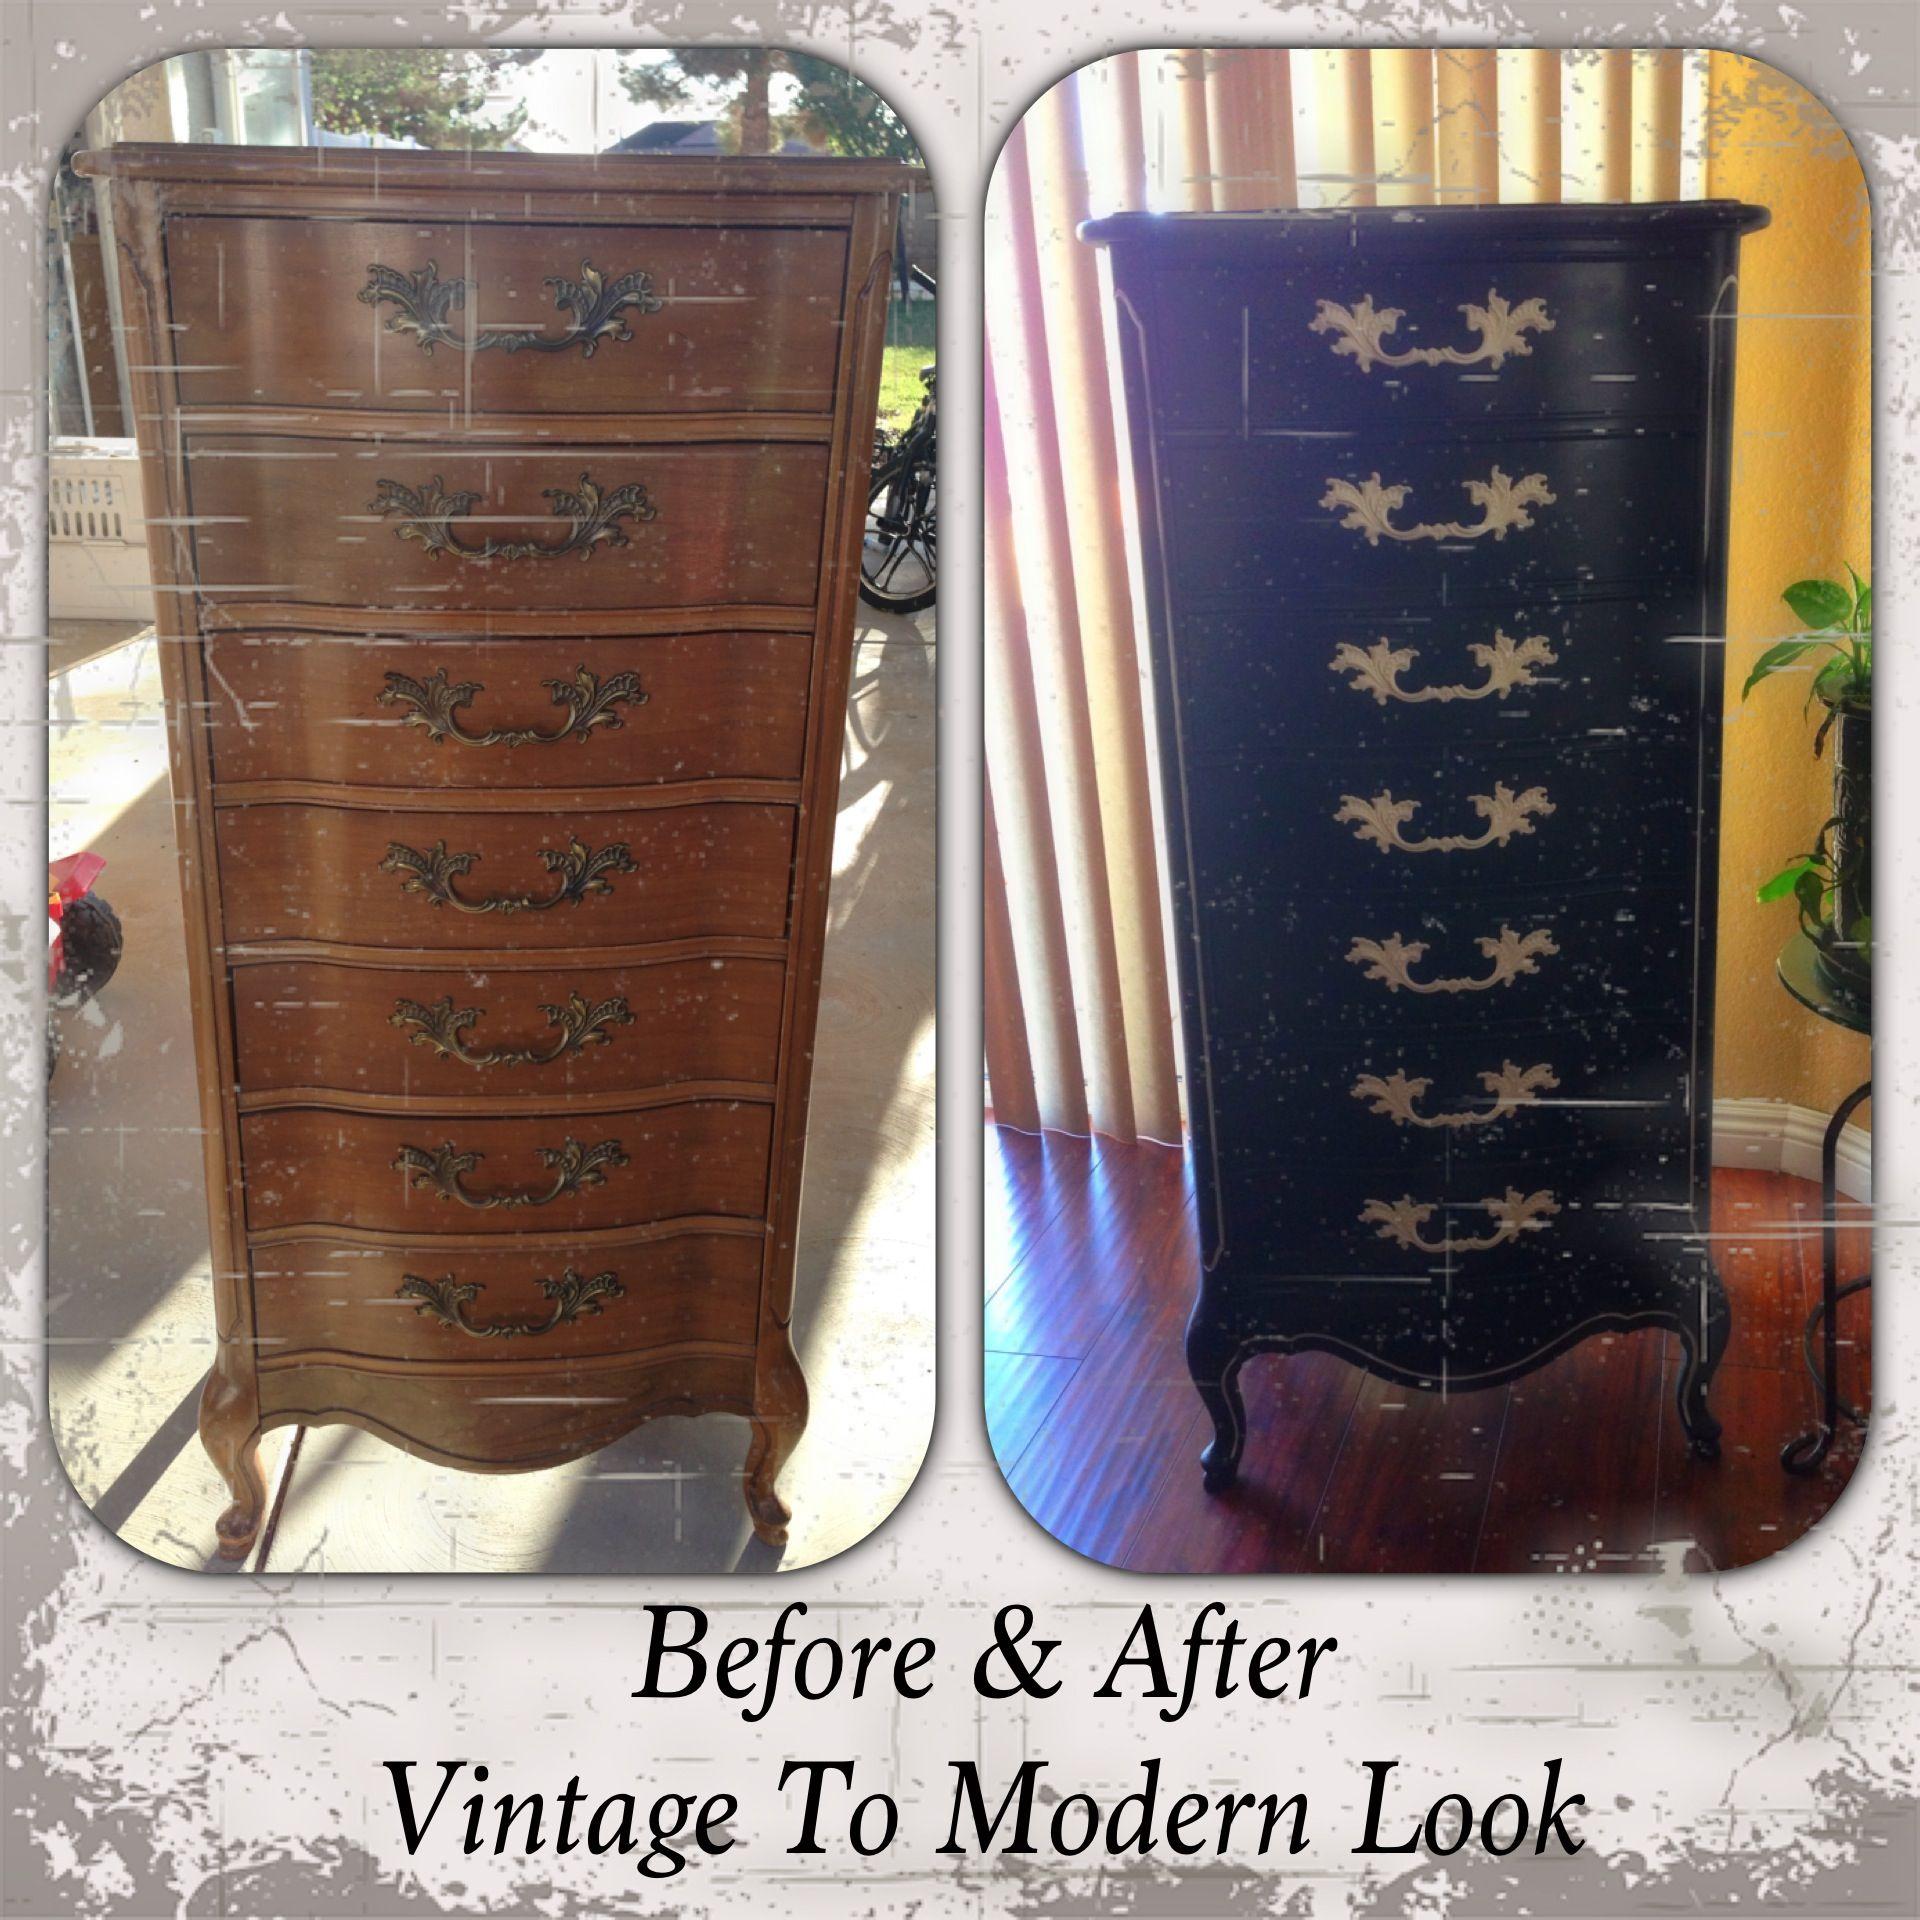 Modern look to vintage lingerie dresser www.facebook.com ...